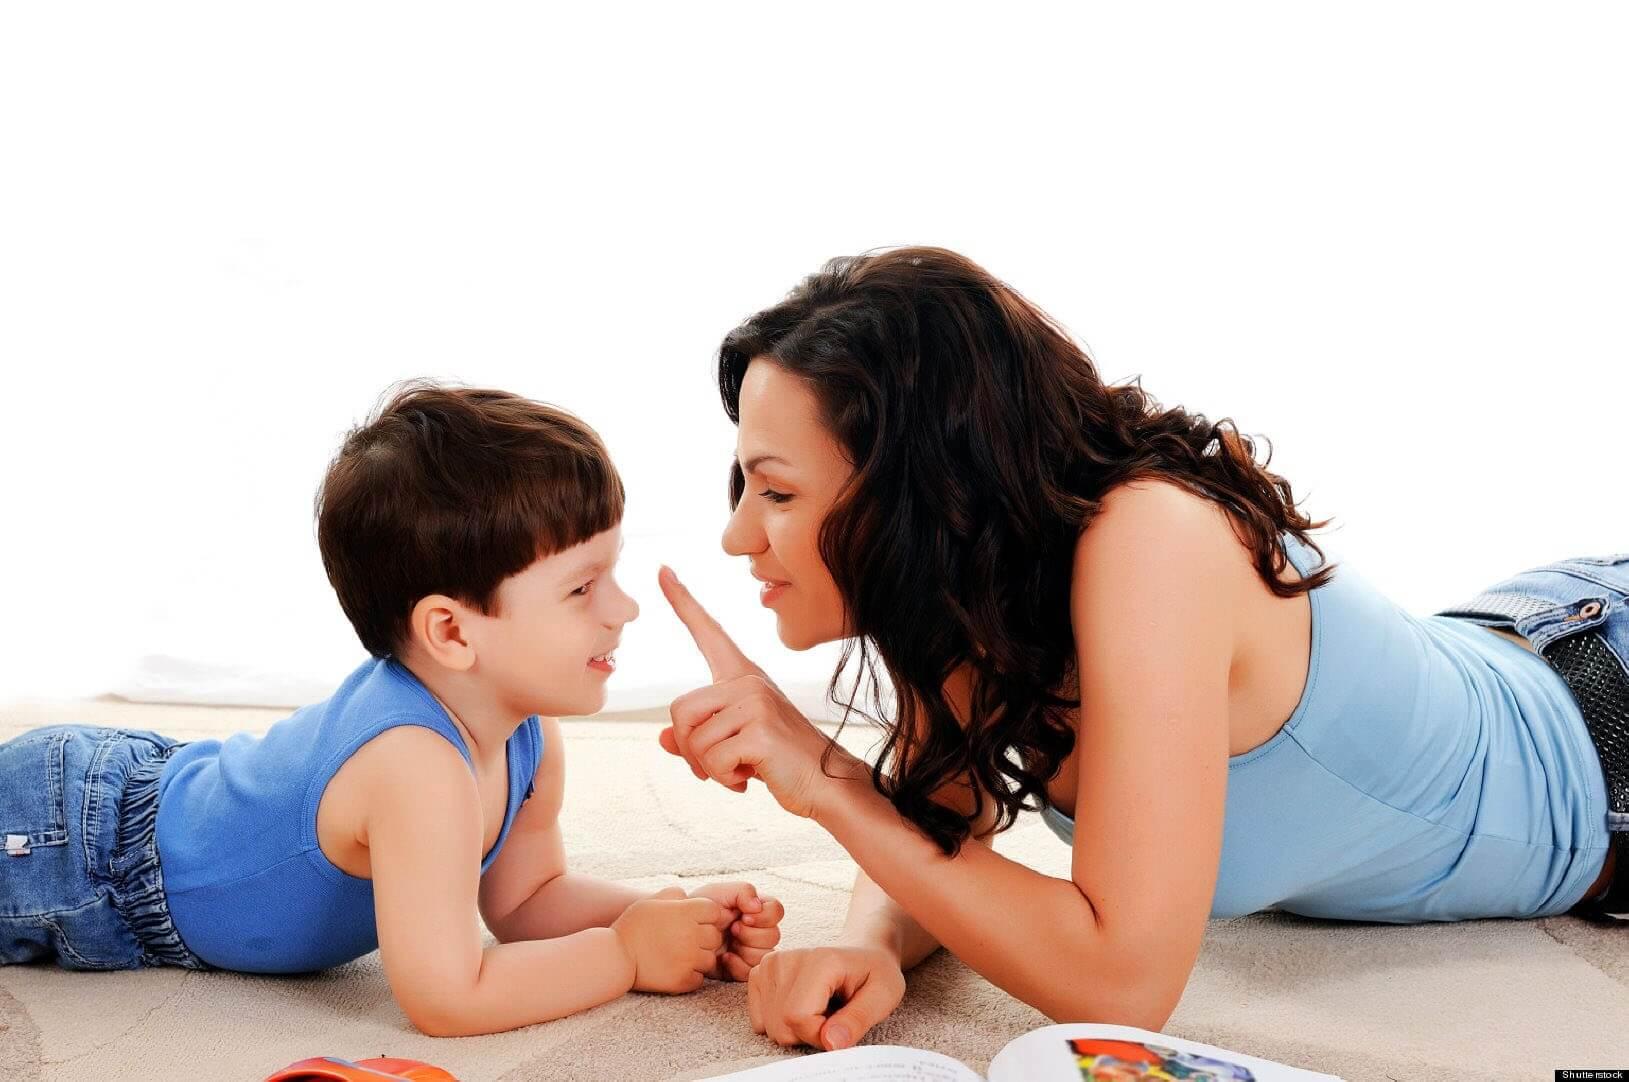 La crianza debe hacerse de manera positiva.